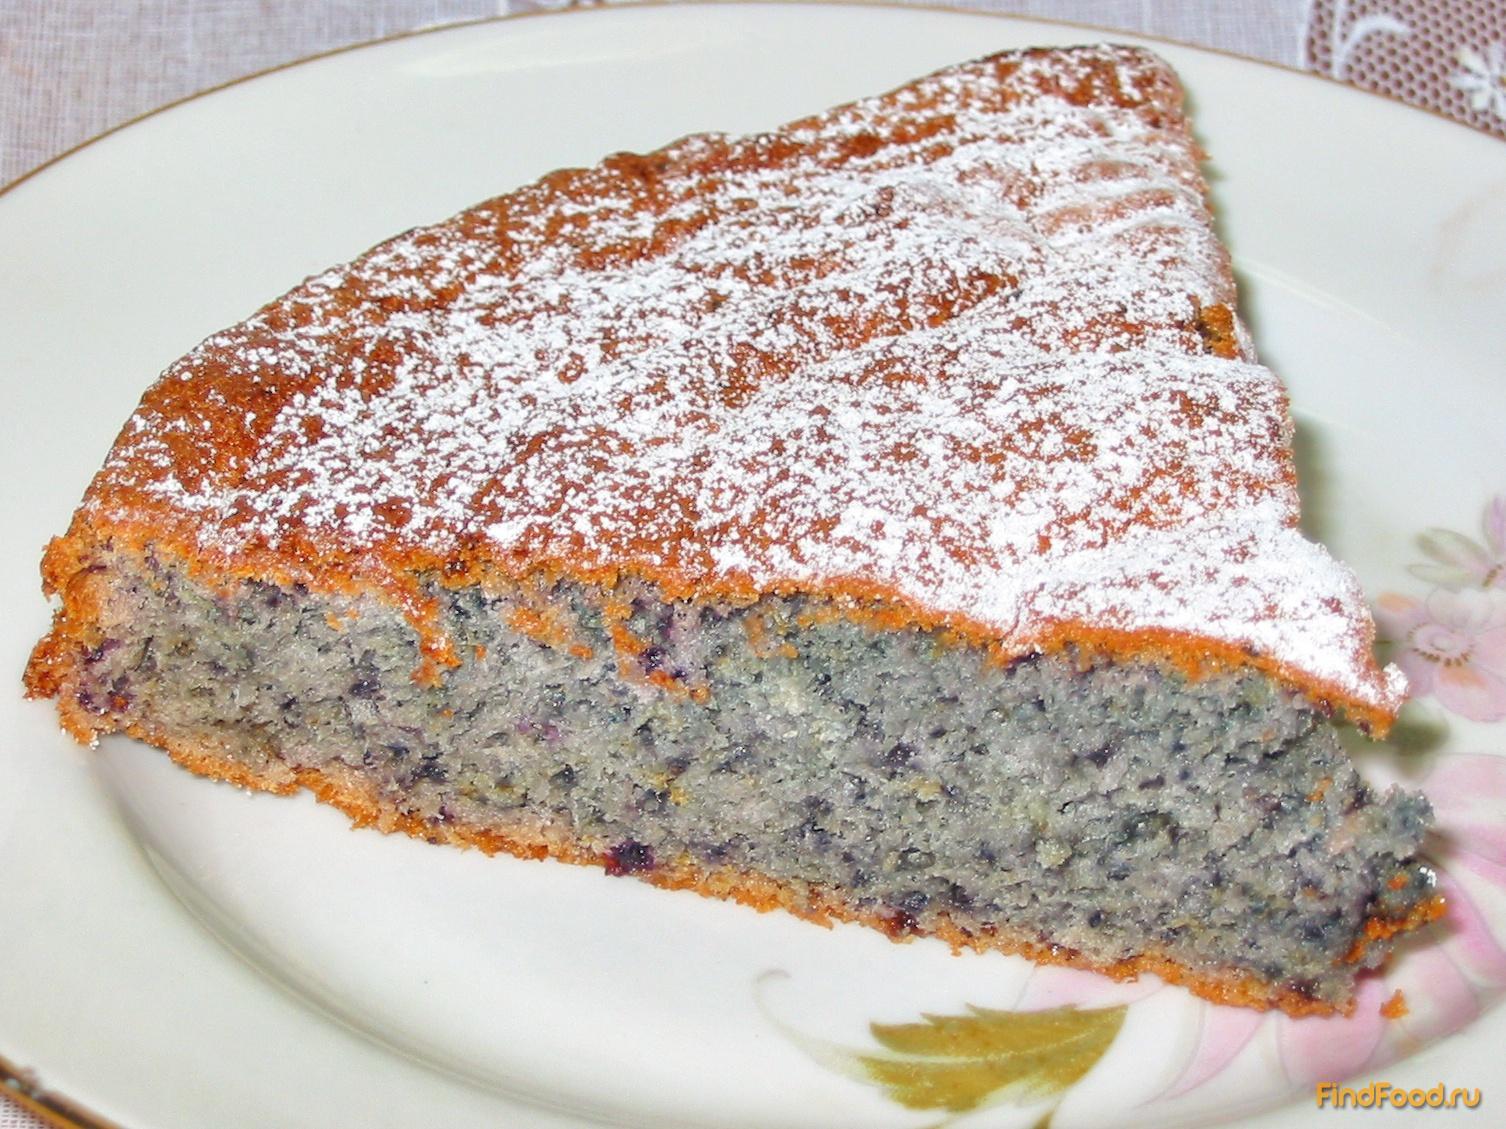 Пирог с черничным вареньем рецепт пошагово